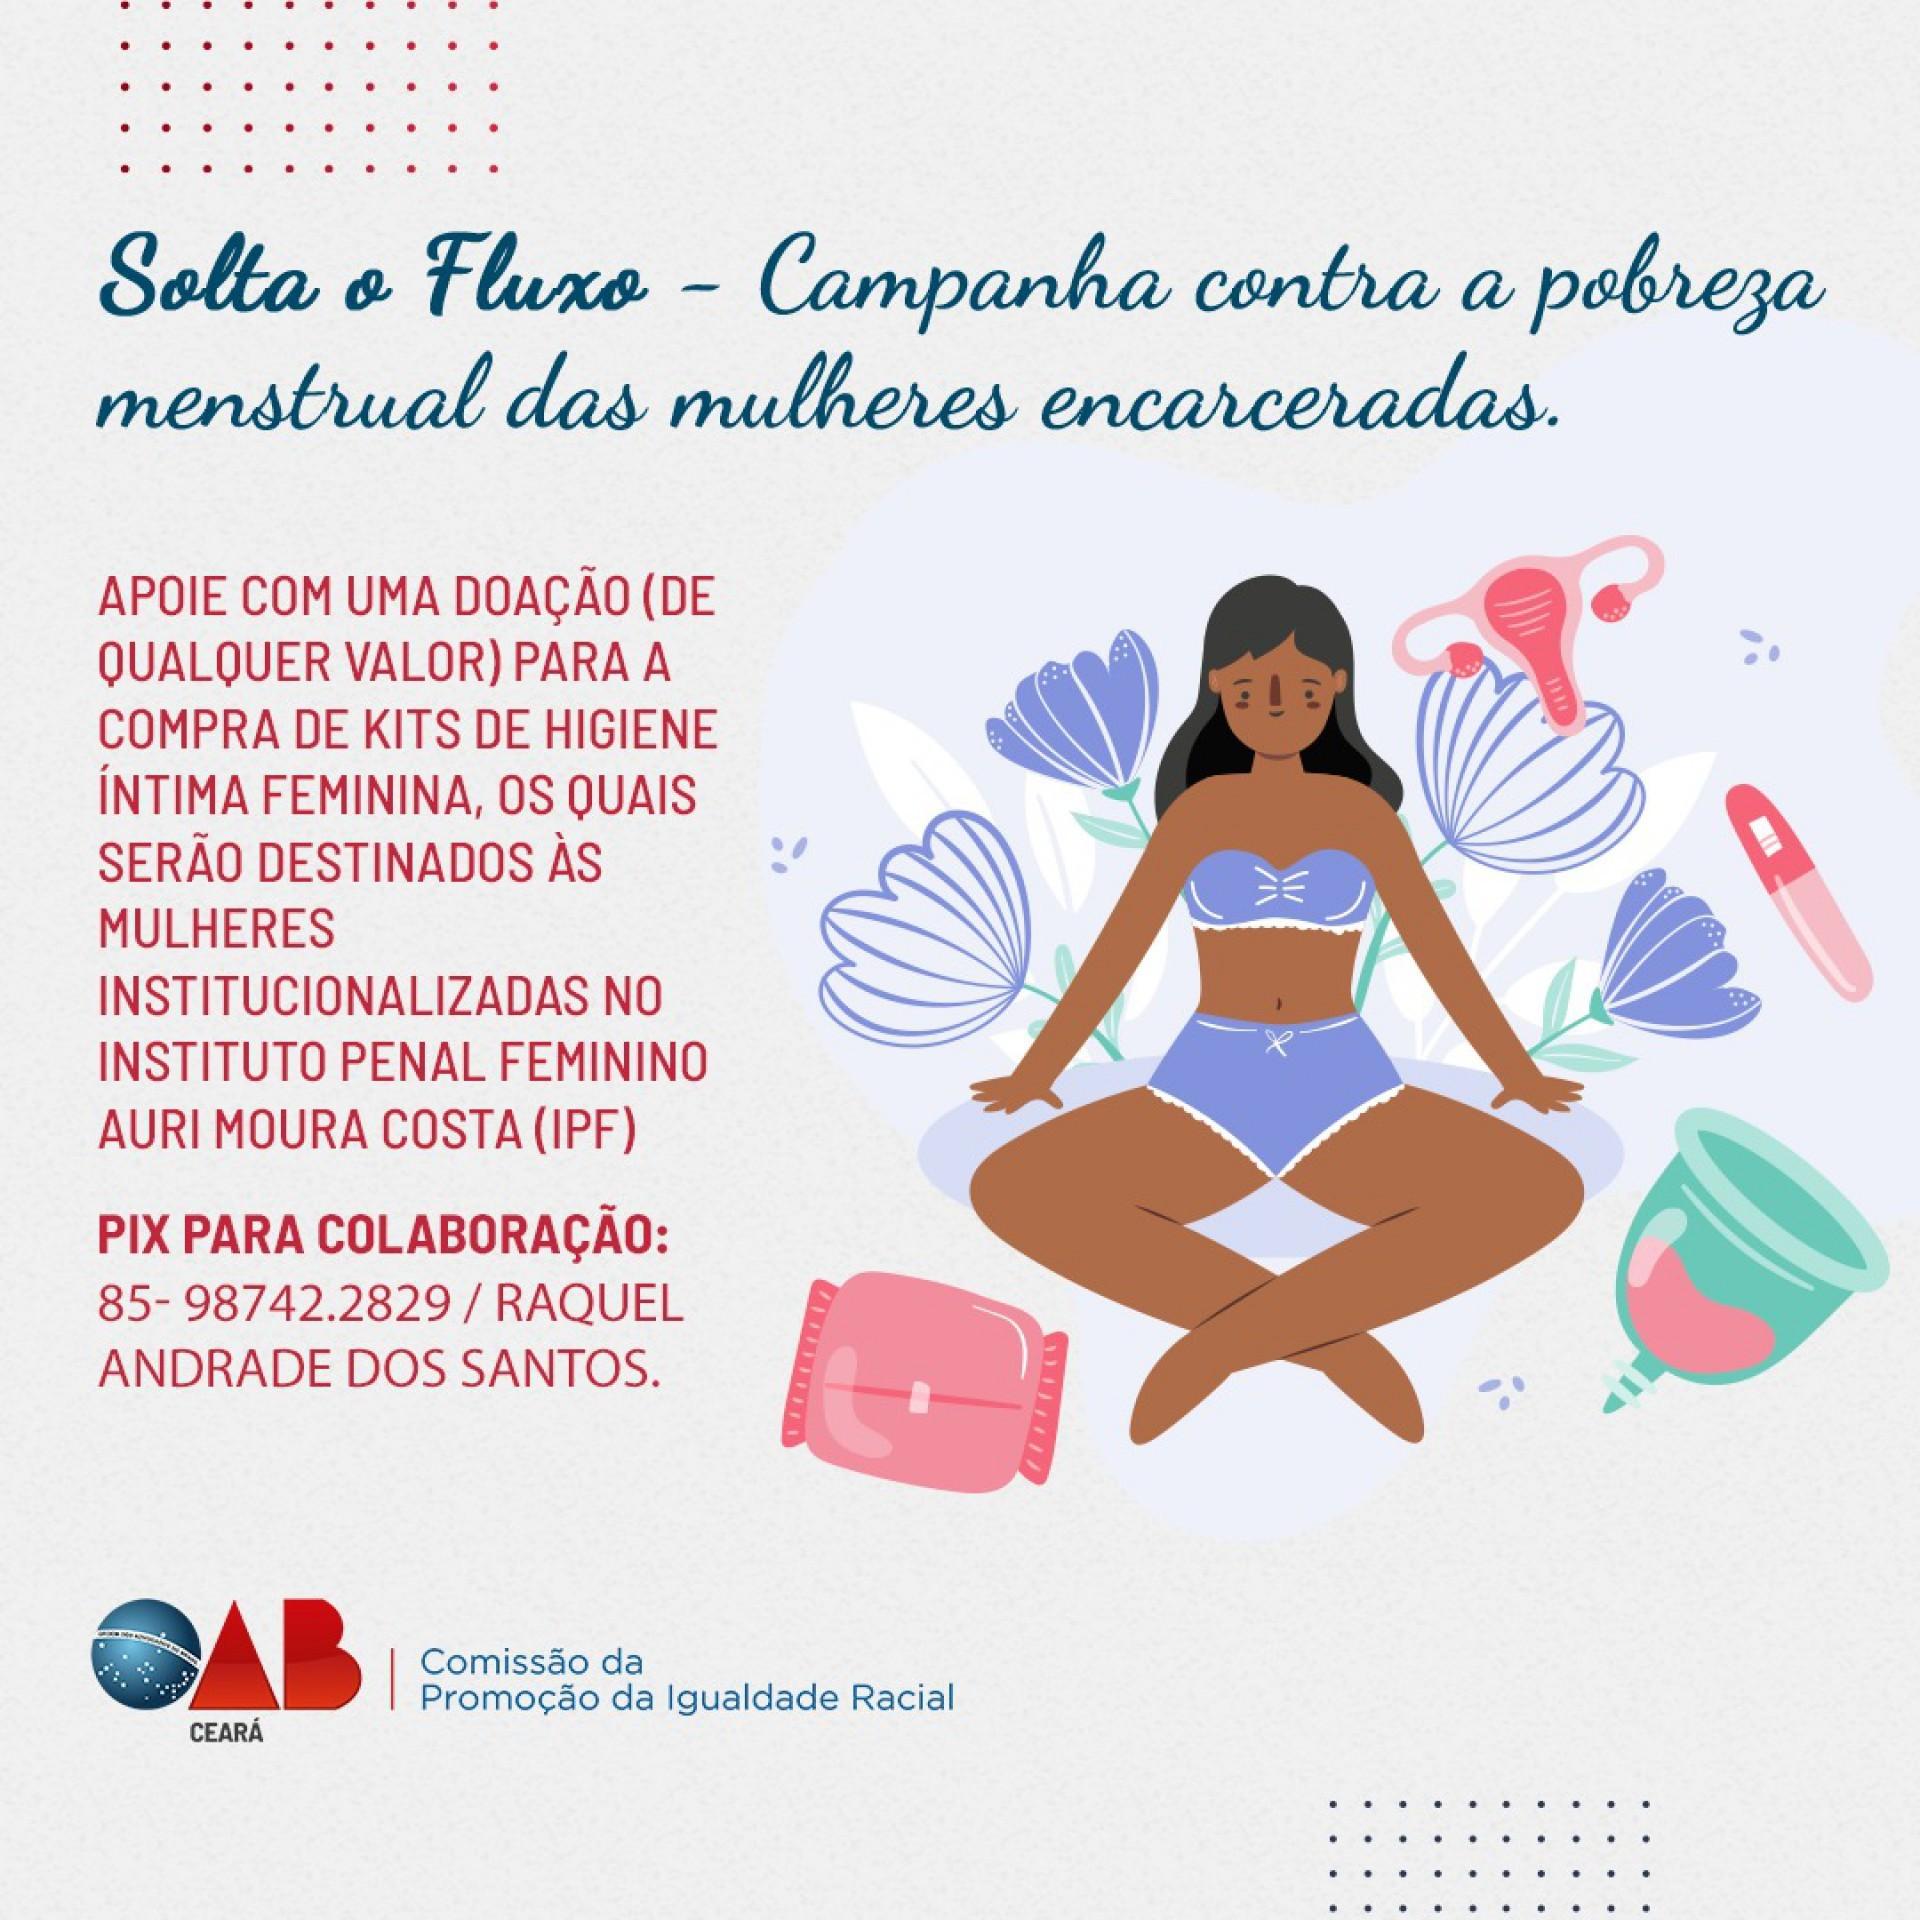 Banner da campanha (Foto: Divulgação)